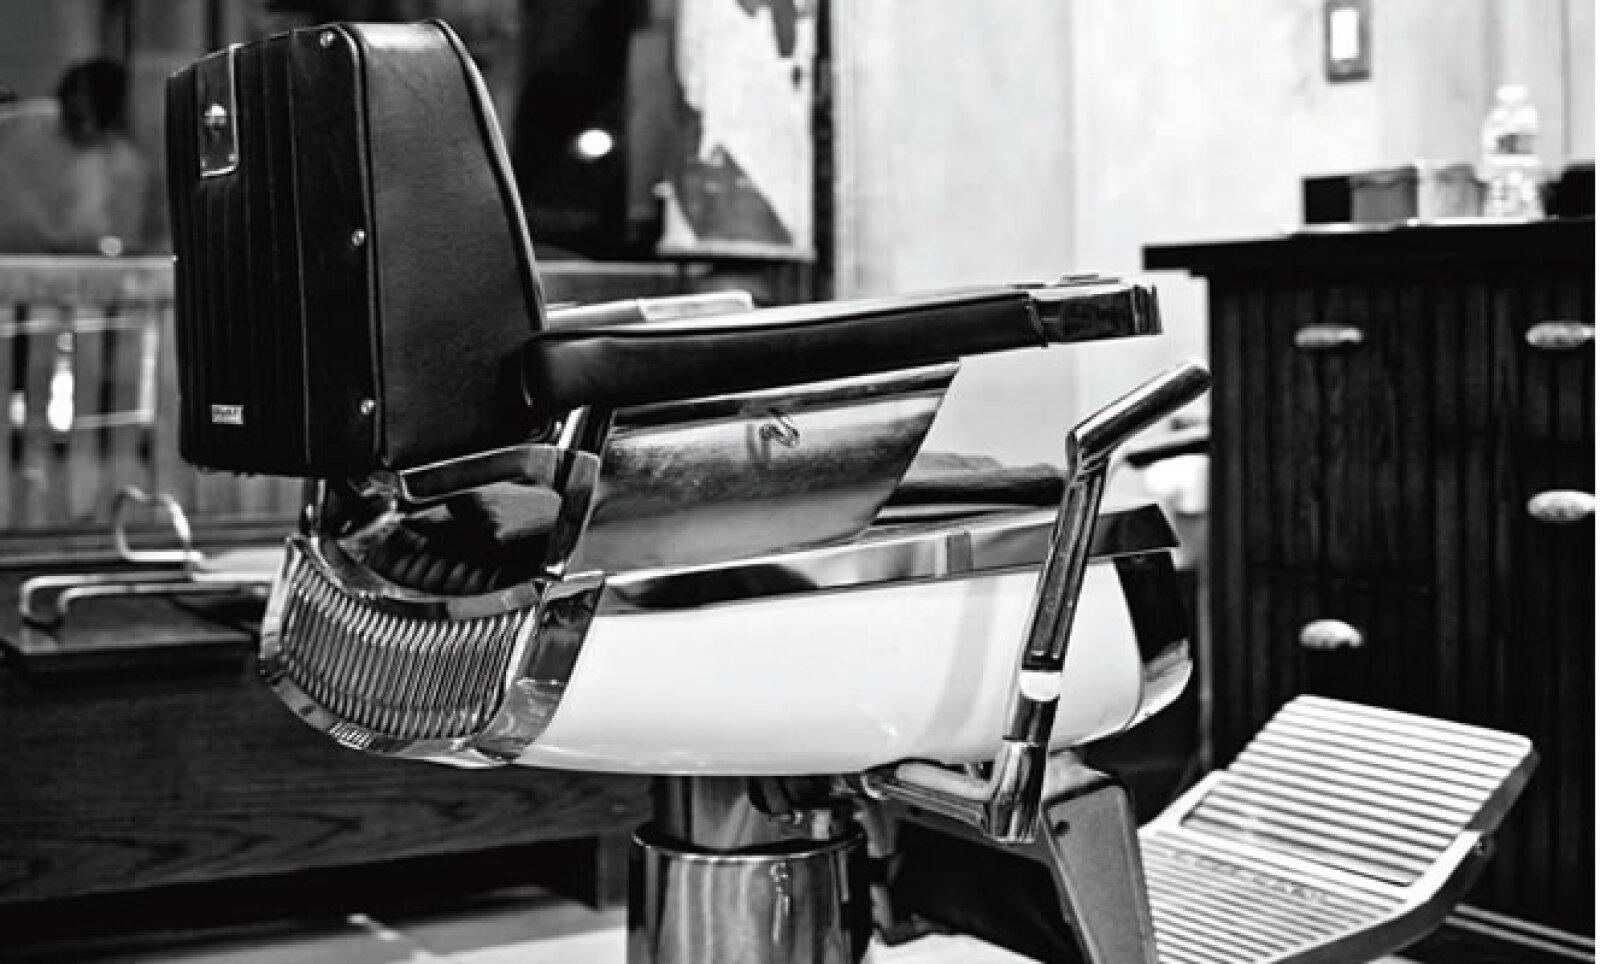 El Hotel Americano será como una guía de actividades en el barrio, incluso tendrá peluquerías que recomendar.